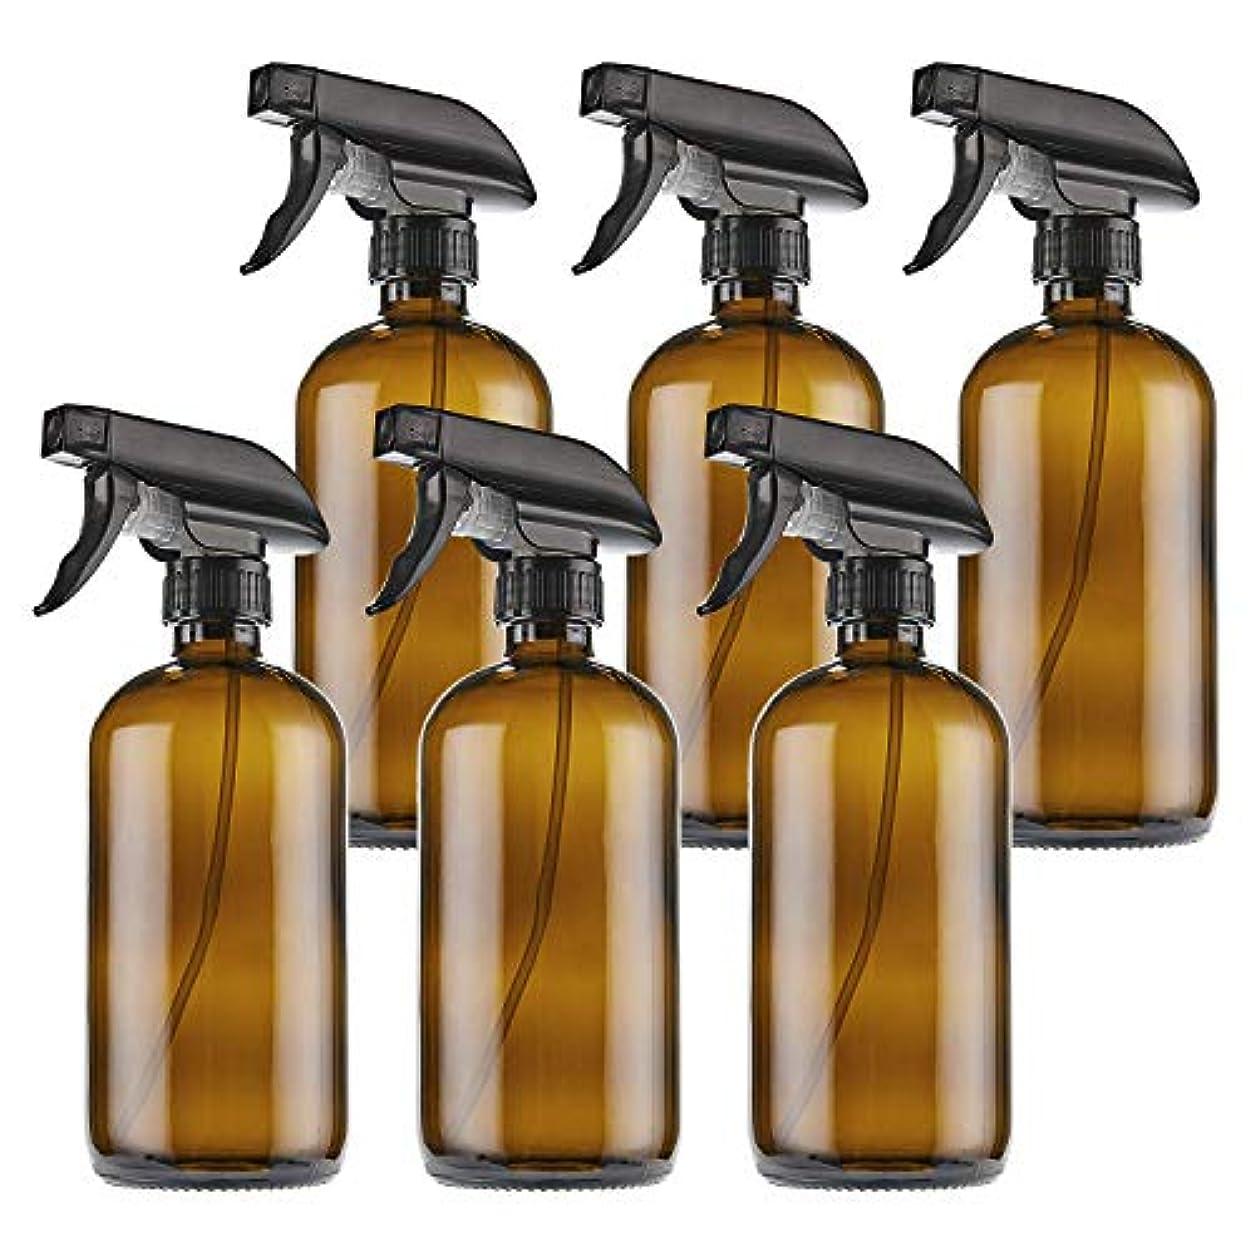 リファイン入場料到着するTHETIS Homes トリガースプレーキャップを持つ16オンス空 琥珀ボストンスプレーボトルや製品部屋 やアロマセラピーを清掃エッセンシャルオイル 用 ガラスびん ラベル 6パック